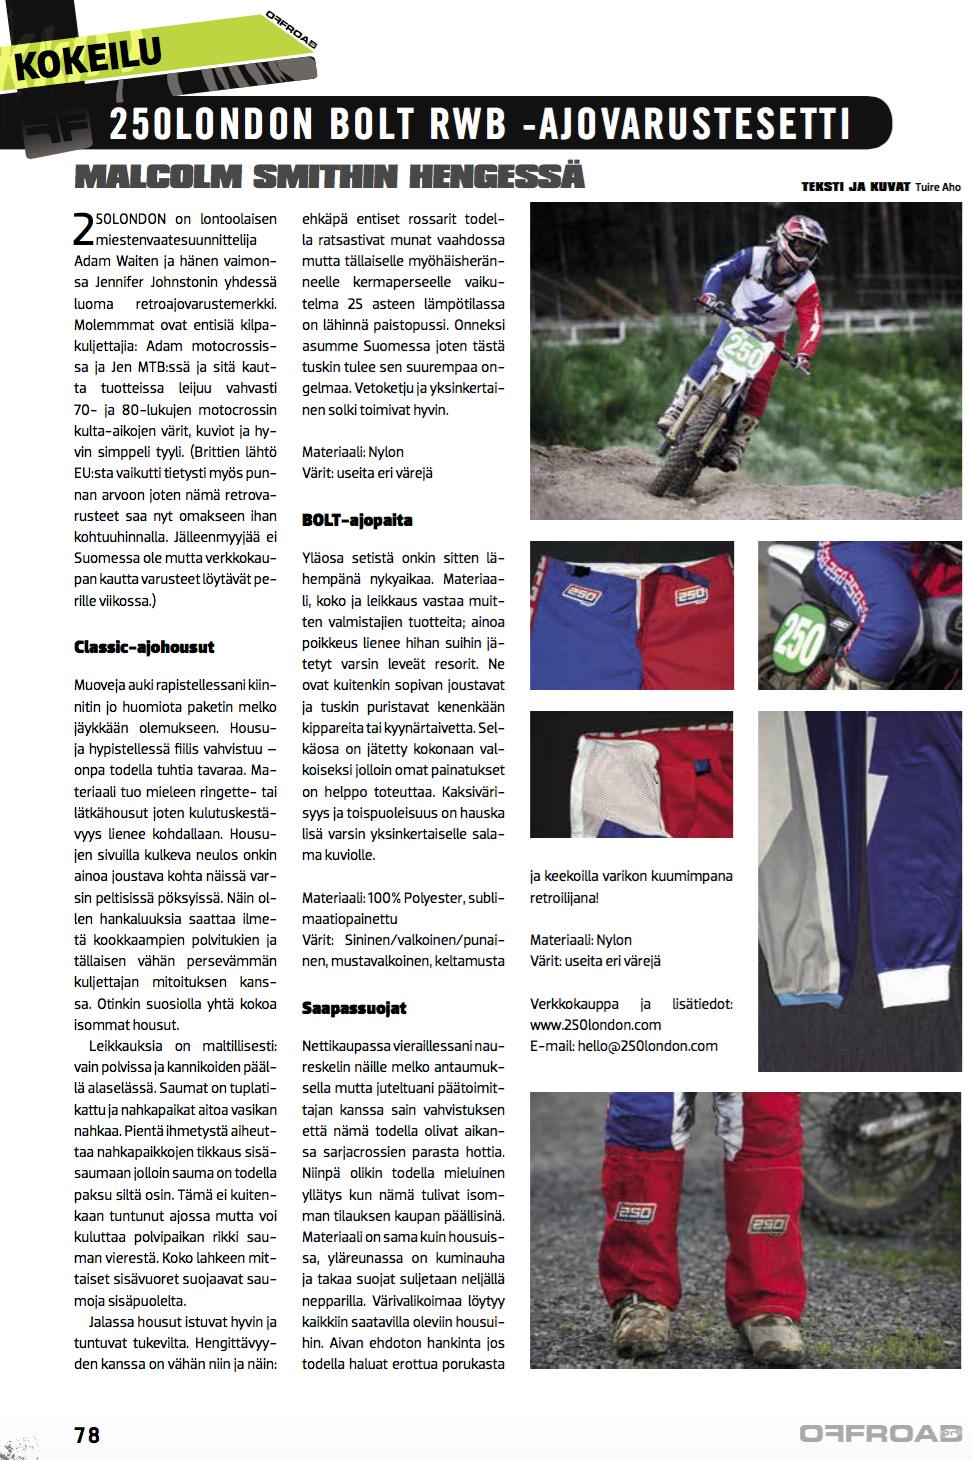 offroadpro magazine finland